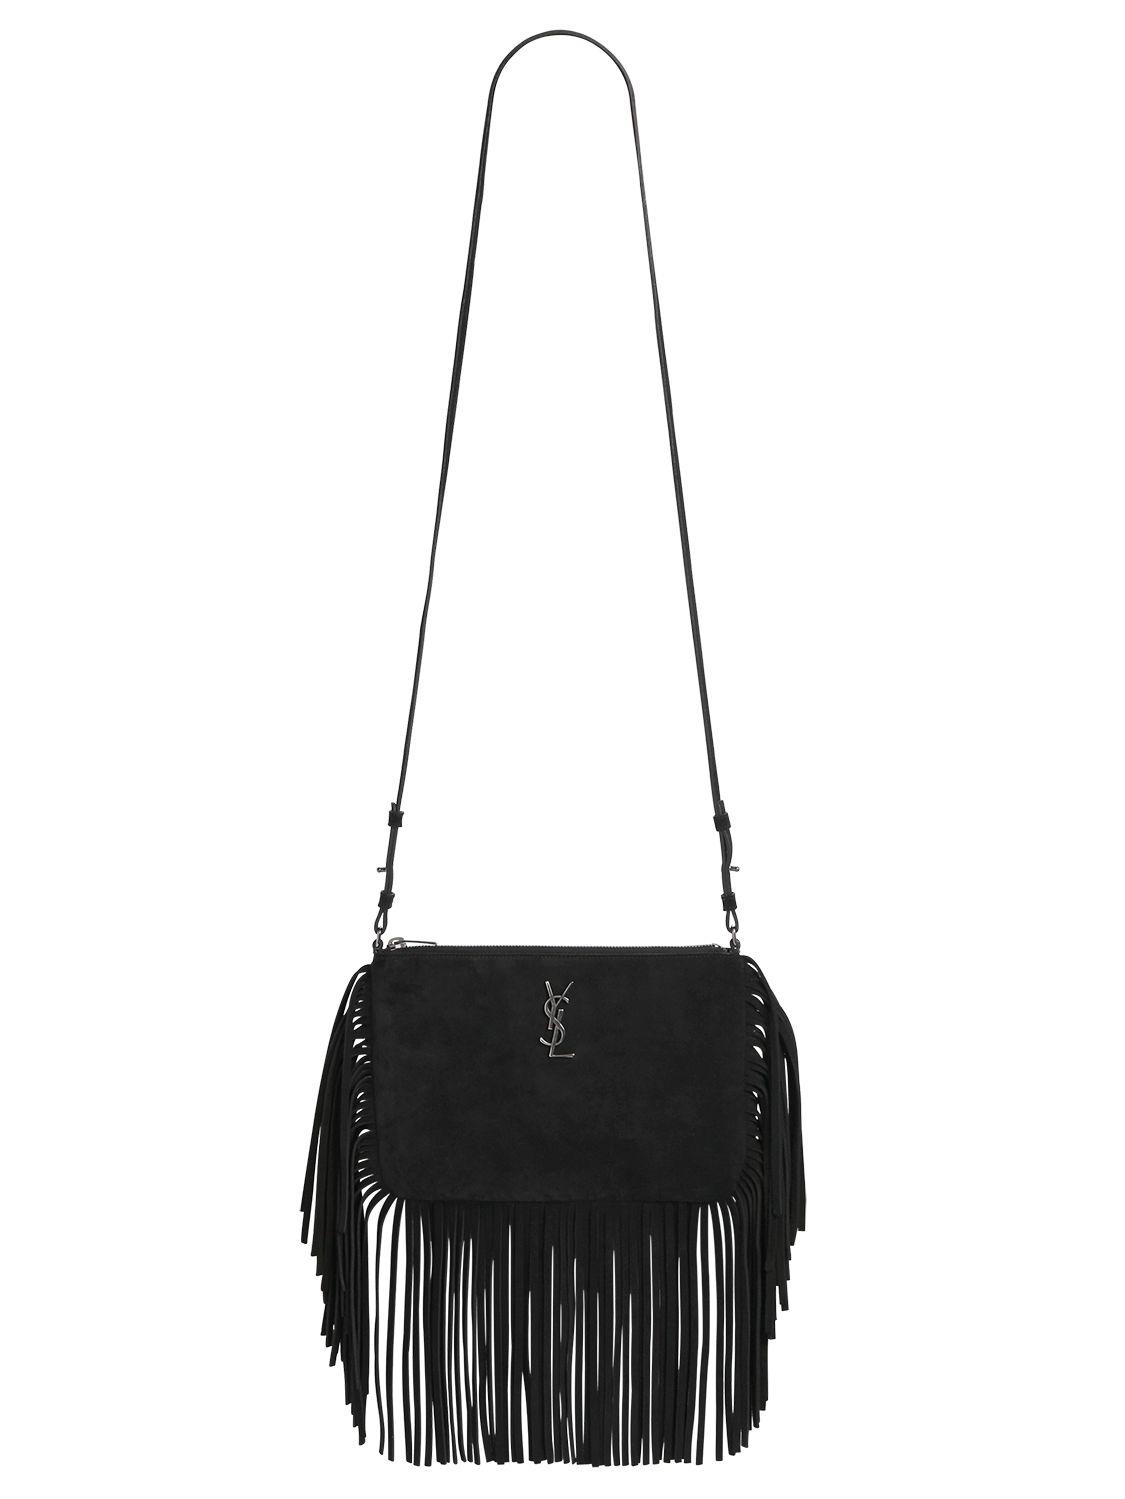 ysl cabas chyc medium - monogram suede fringe shoulder bag